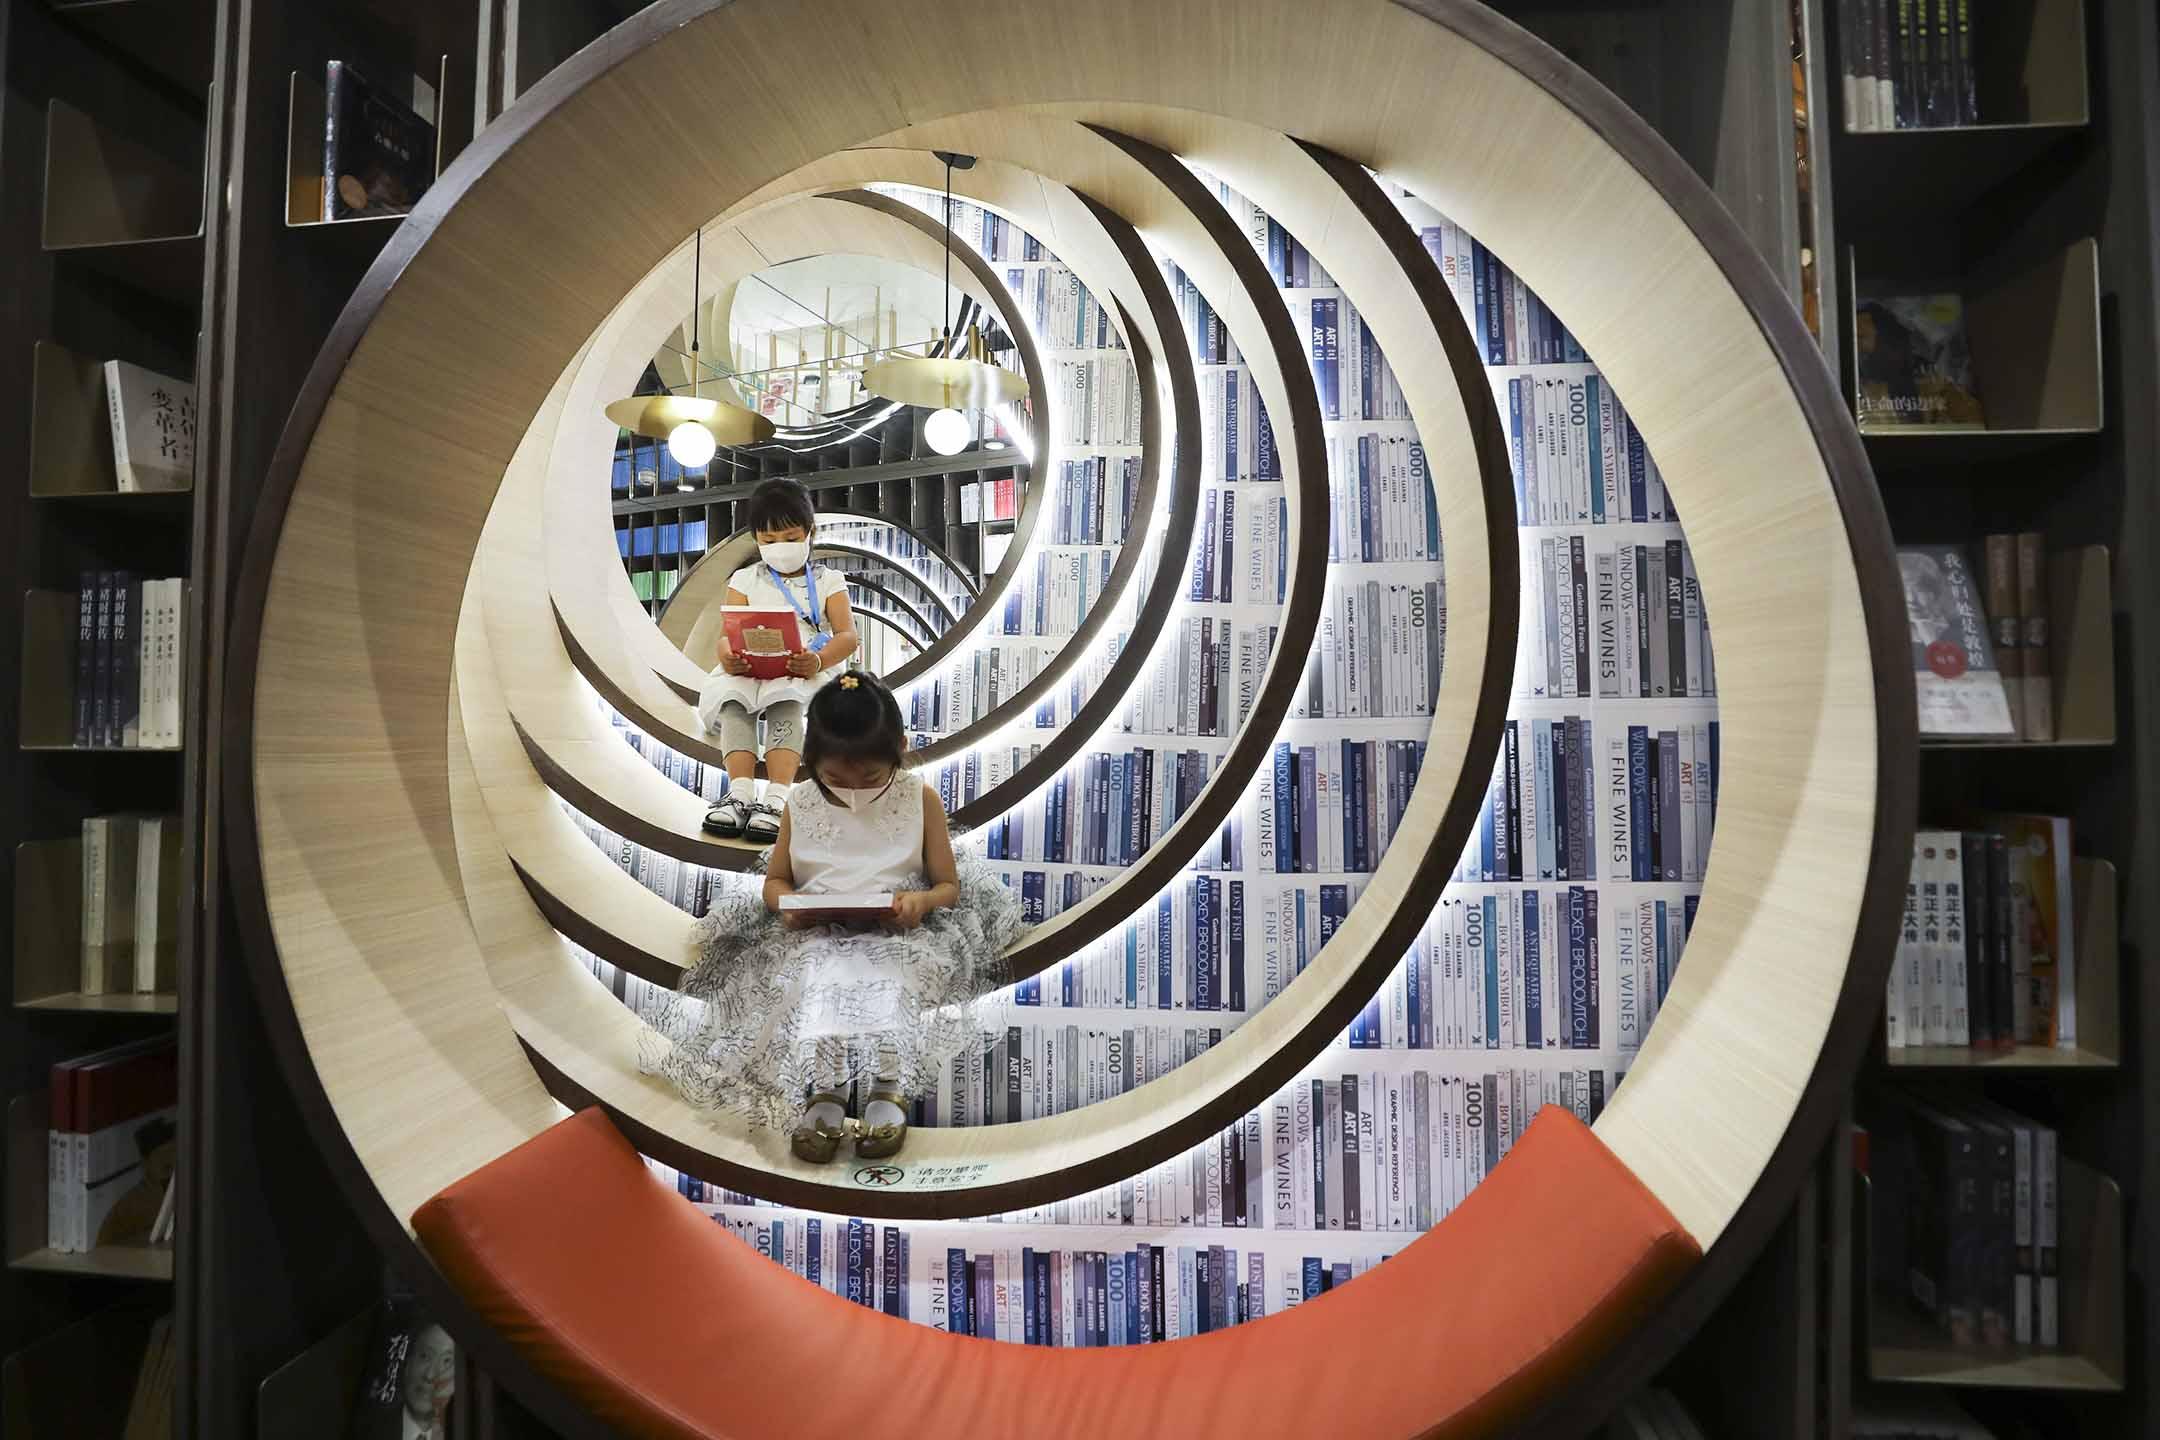 2020年6月1日北京,戴著口罩的孩子在一家書店讀書。